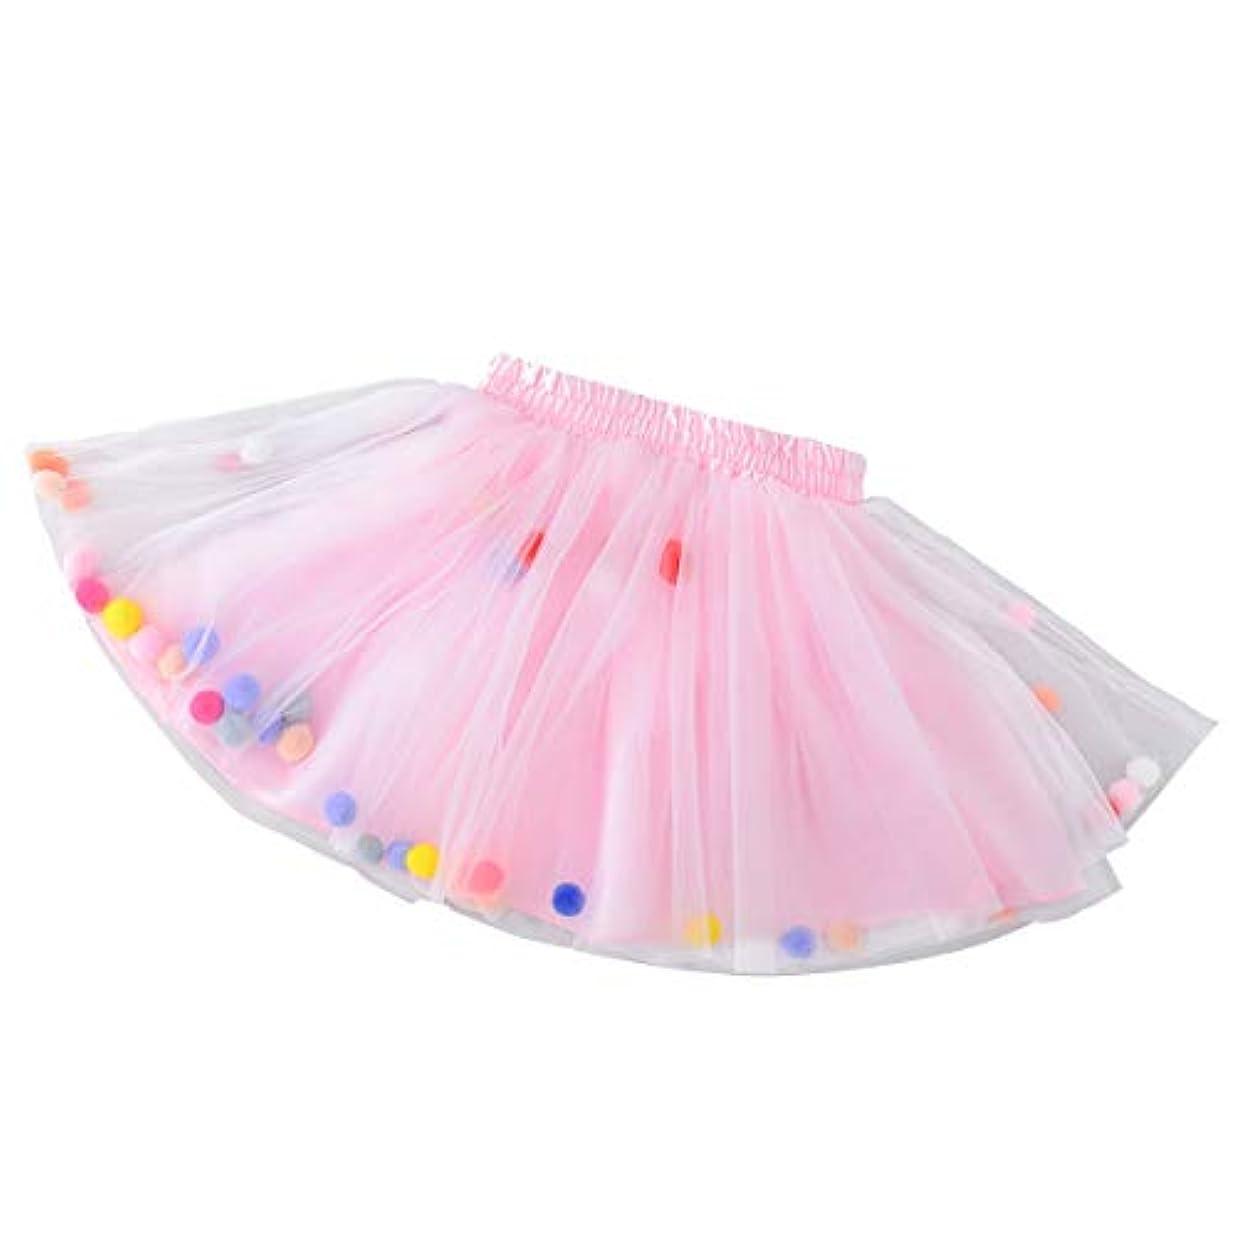 アクセル機密YeahiBaby 子供チュチュスカートラブリーピンクミディスカートカラフルなファジーボールガーゼスカートプリンセスドレス衣装用女の子(サイズl)